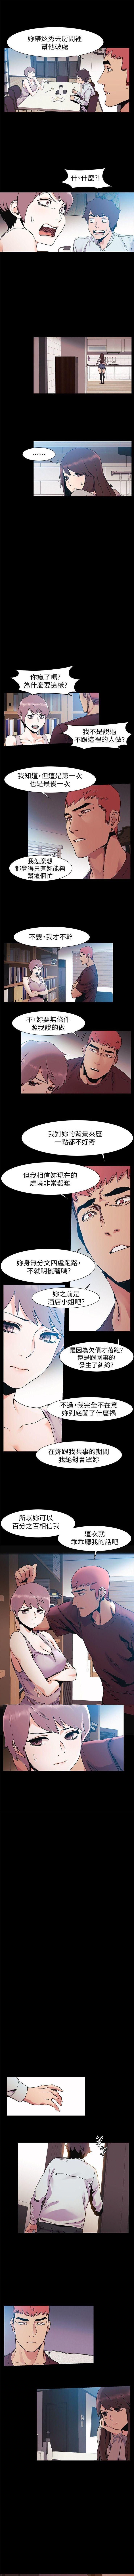 衝突 1-100官方中文(連載中) 195